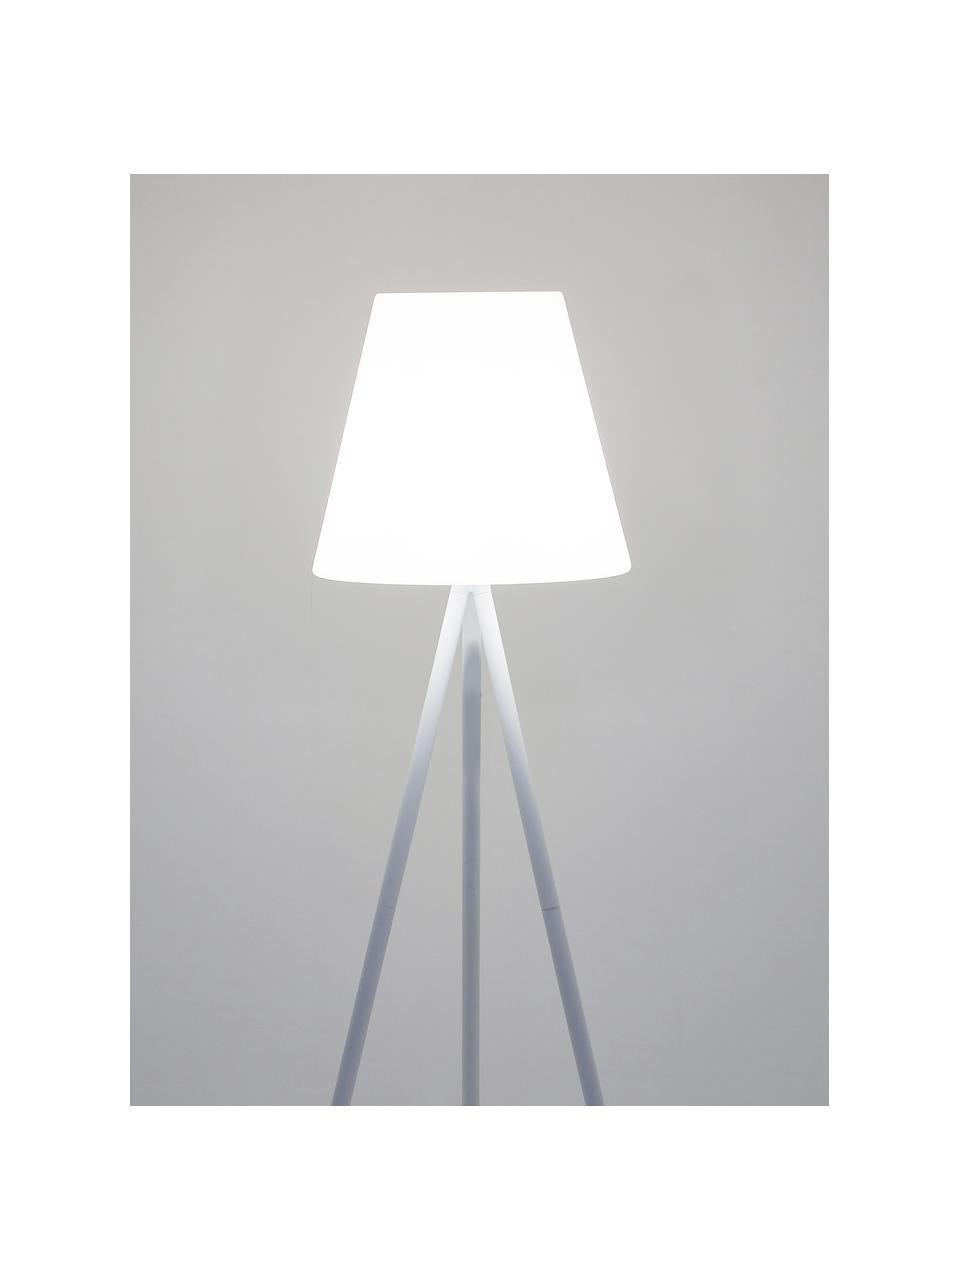 Outdoor Stehlampe Wells mit Stecker, Lampenschirm: Kunststoff, Lampenfuß: Aluminium, eloxiert, Weiß, Ø 35 x H 134 cm